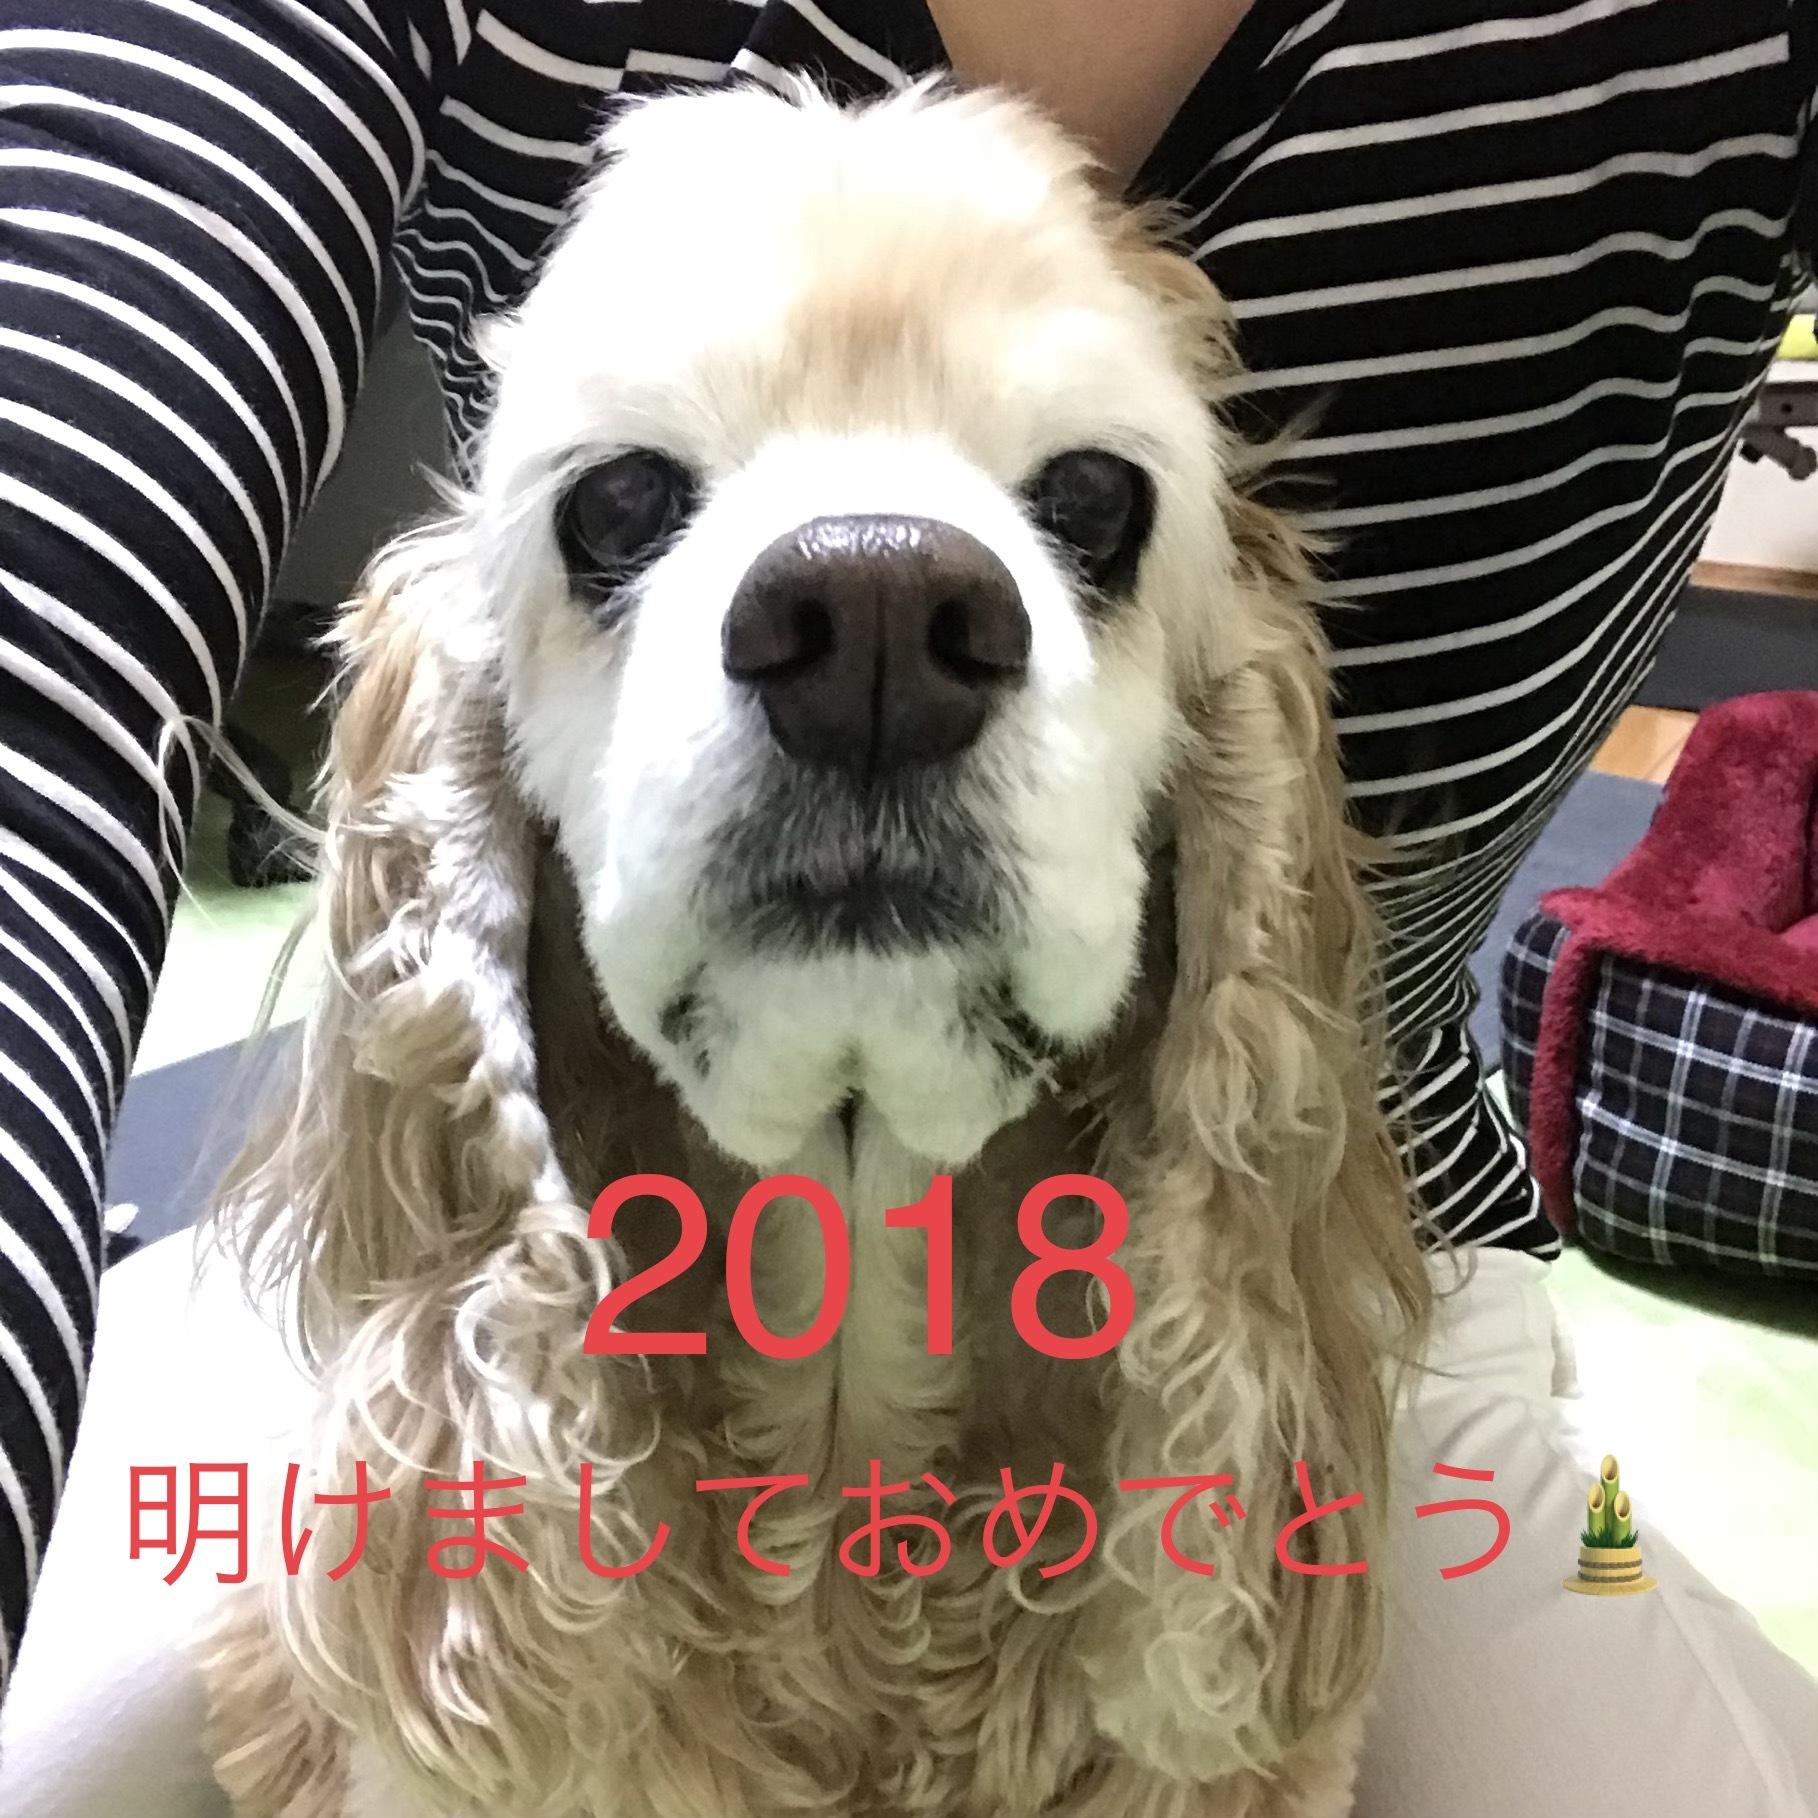 201801012053531af.jpeg